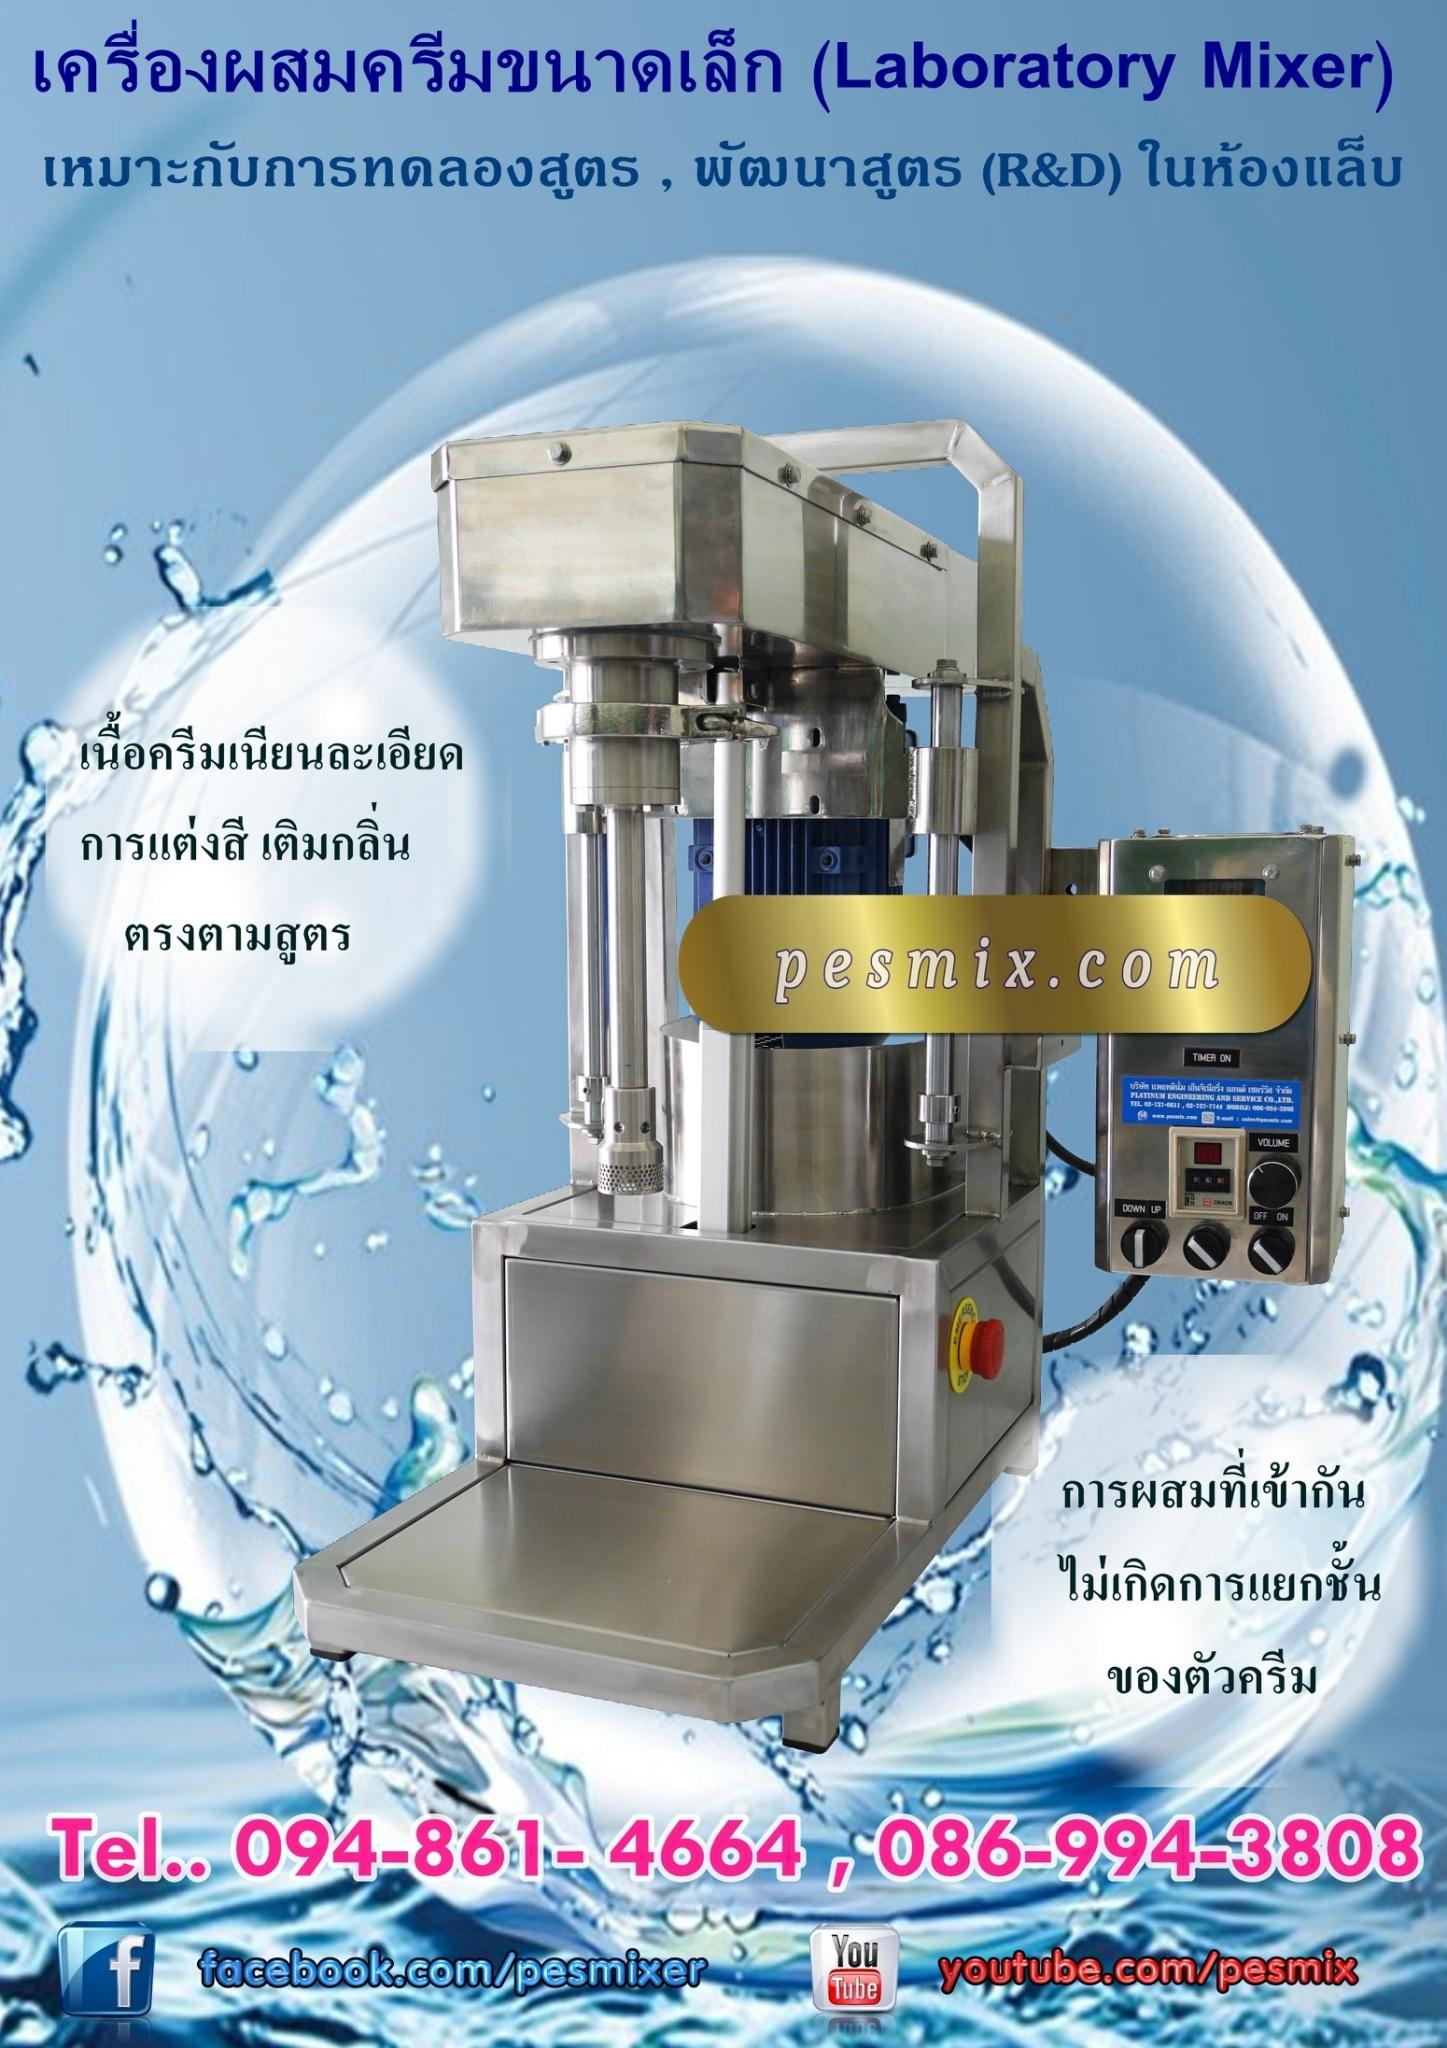 เครื่องผสมครีม Laboratory mixer